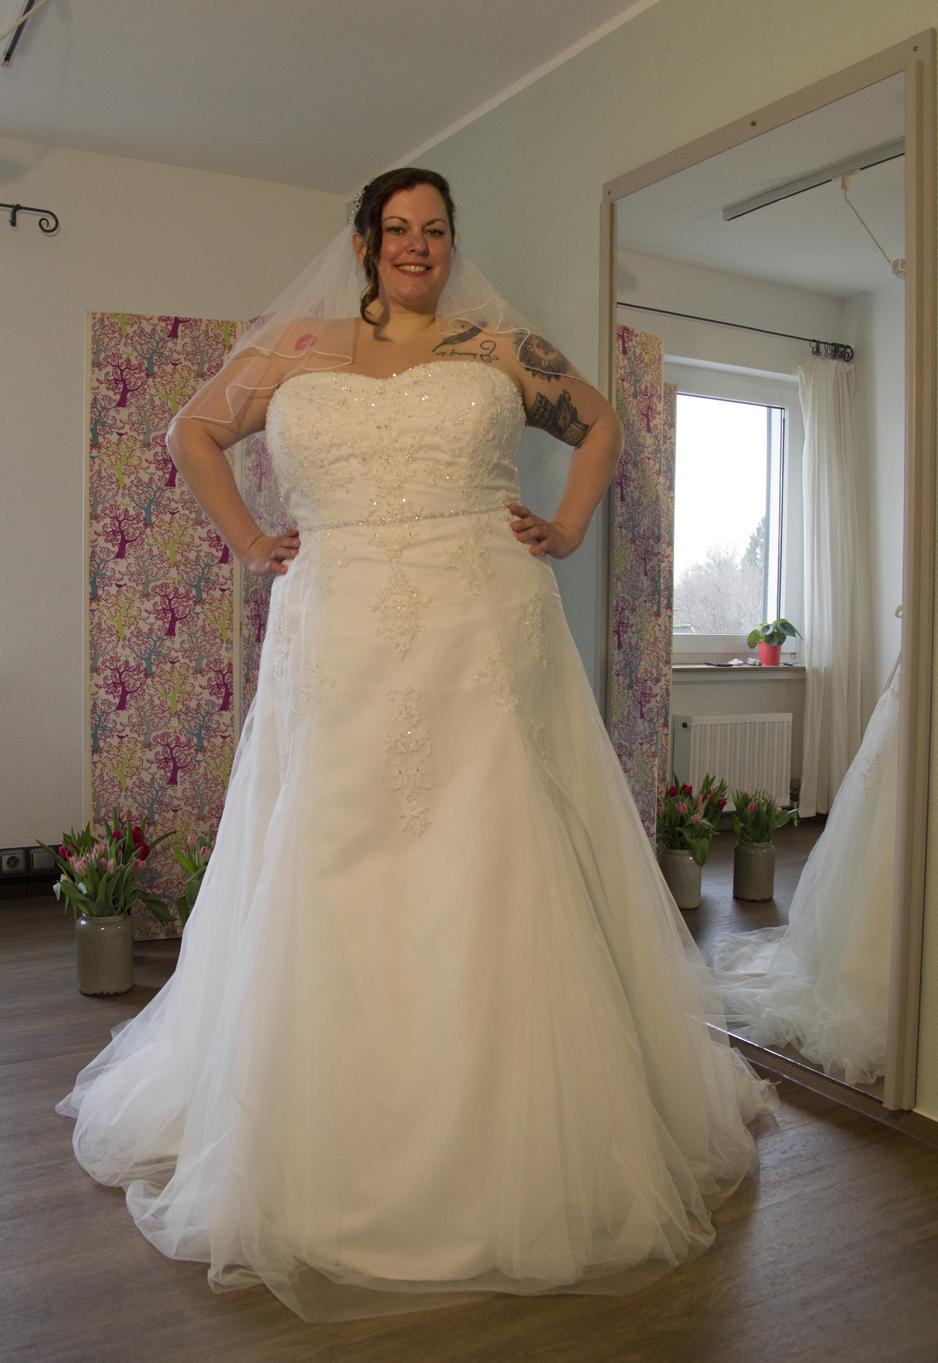 Brautkleider - Mein großes Brautkleid